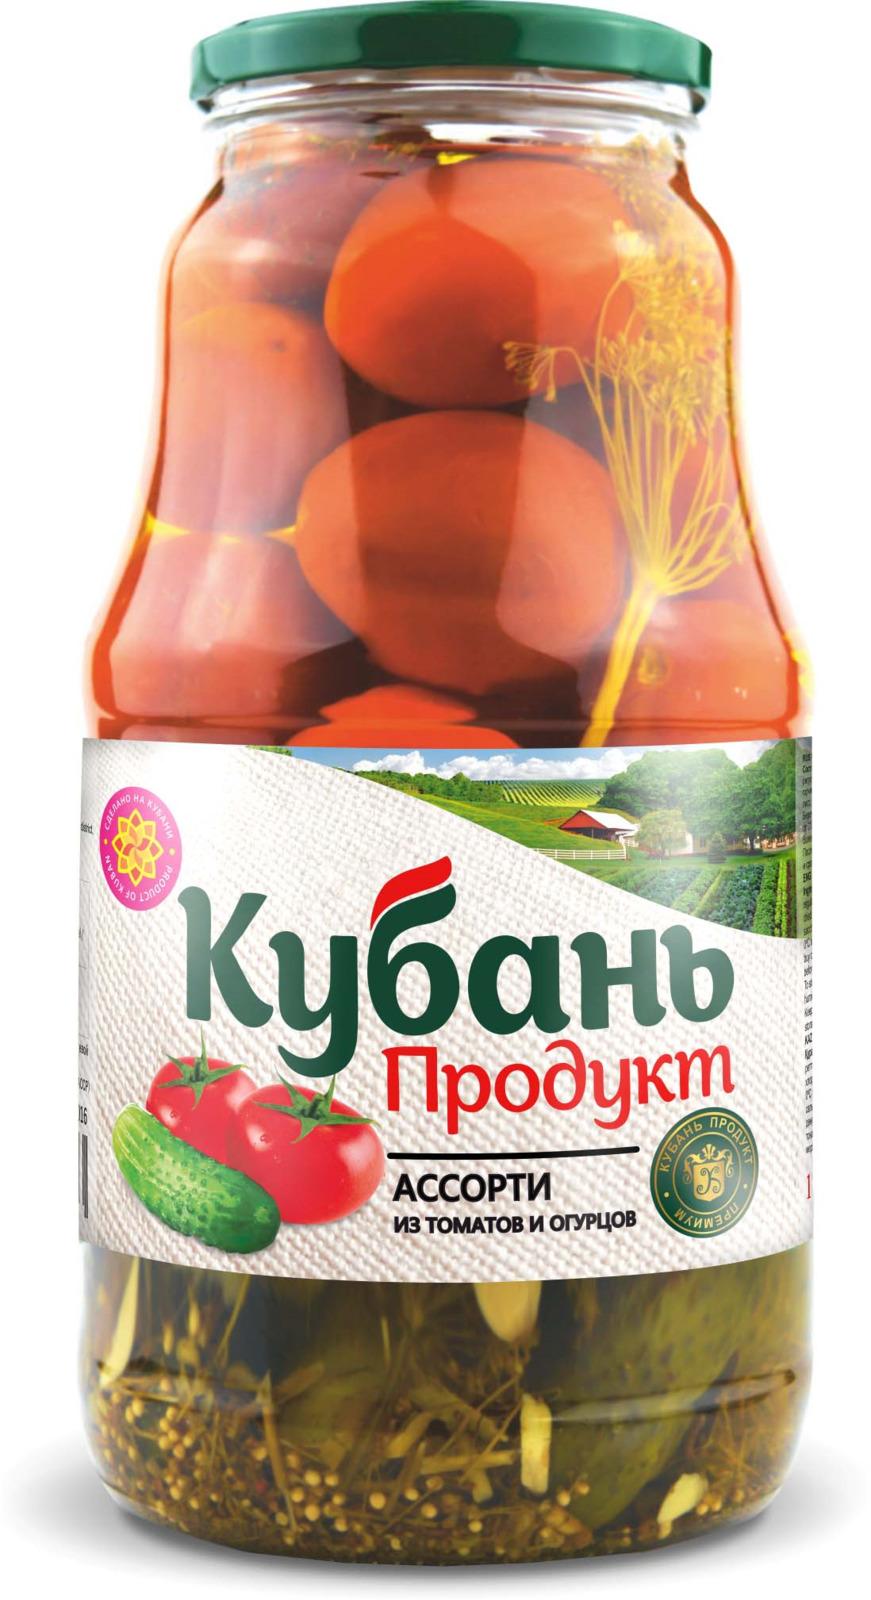 Кубань Продукт ассорти маринованное, 1,8 кг кубань продукт компот вишневый 1 л